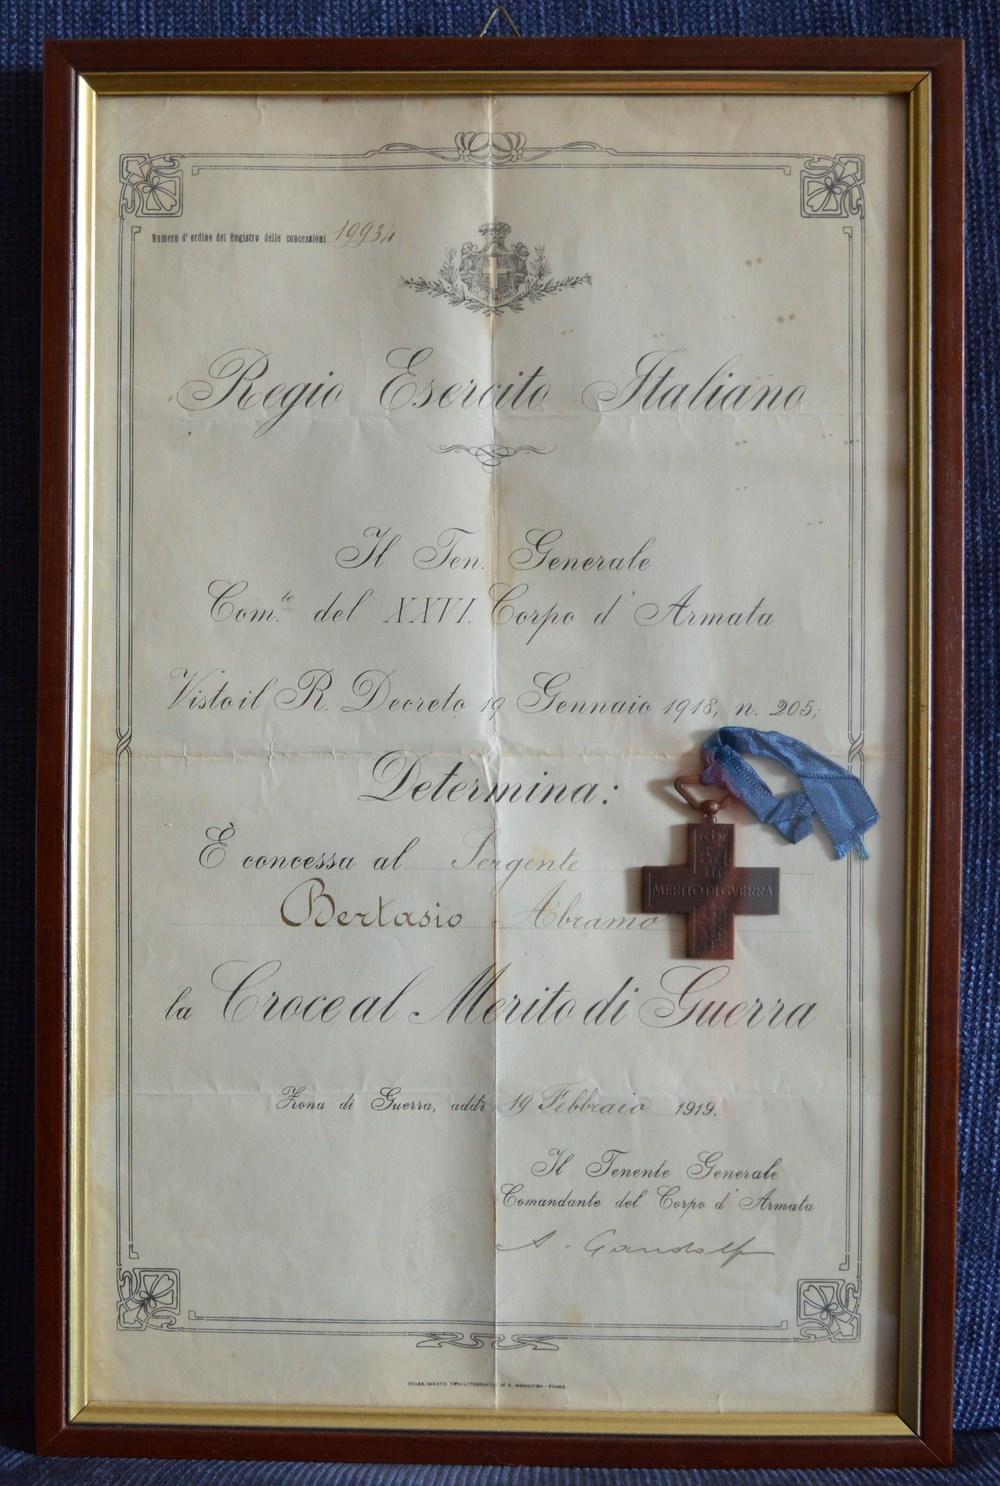 La Croce al Merito di Guerra del Serg. Bertasio